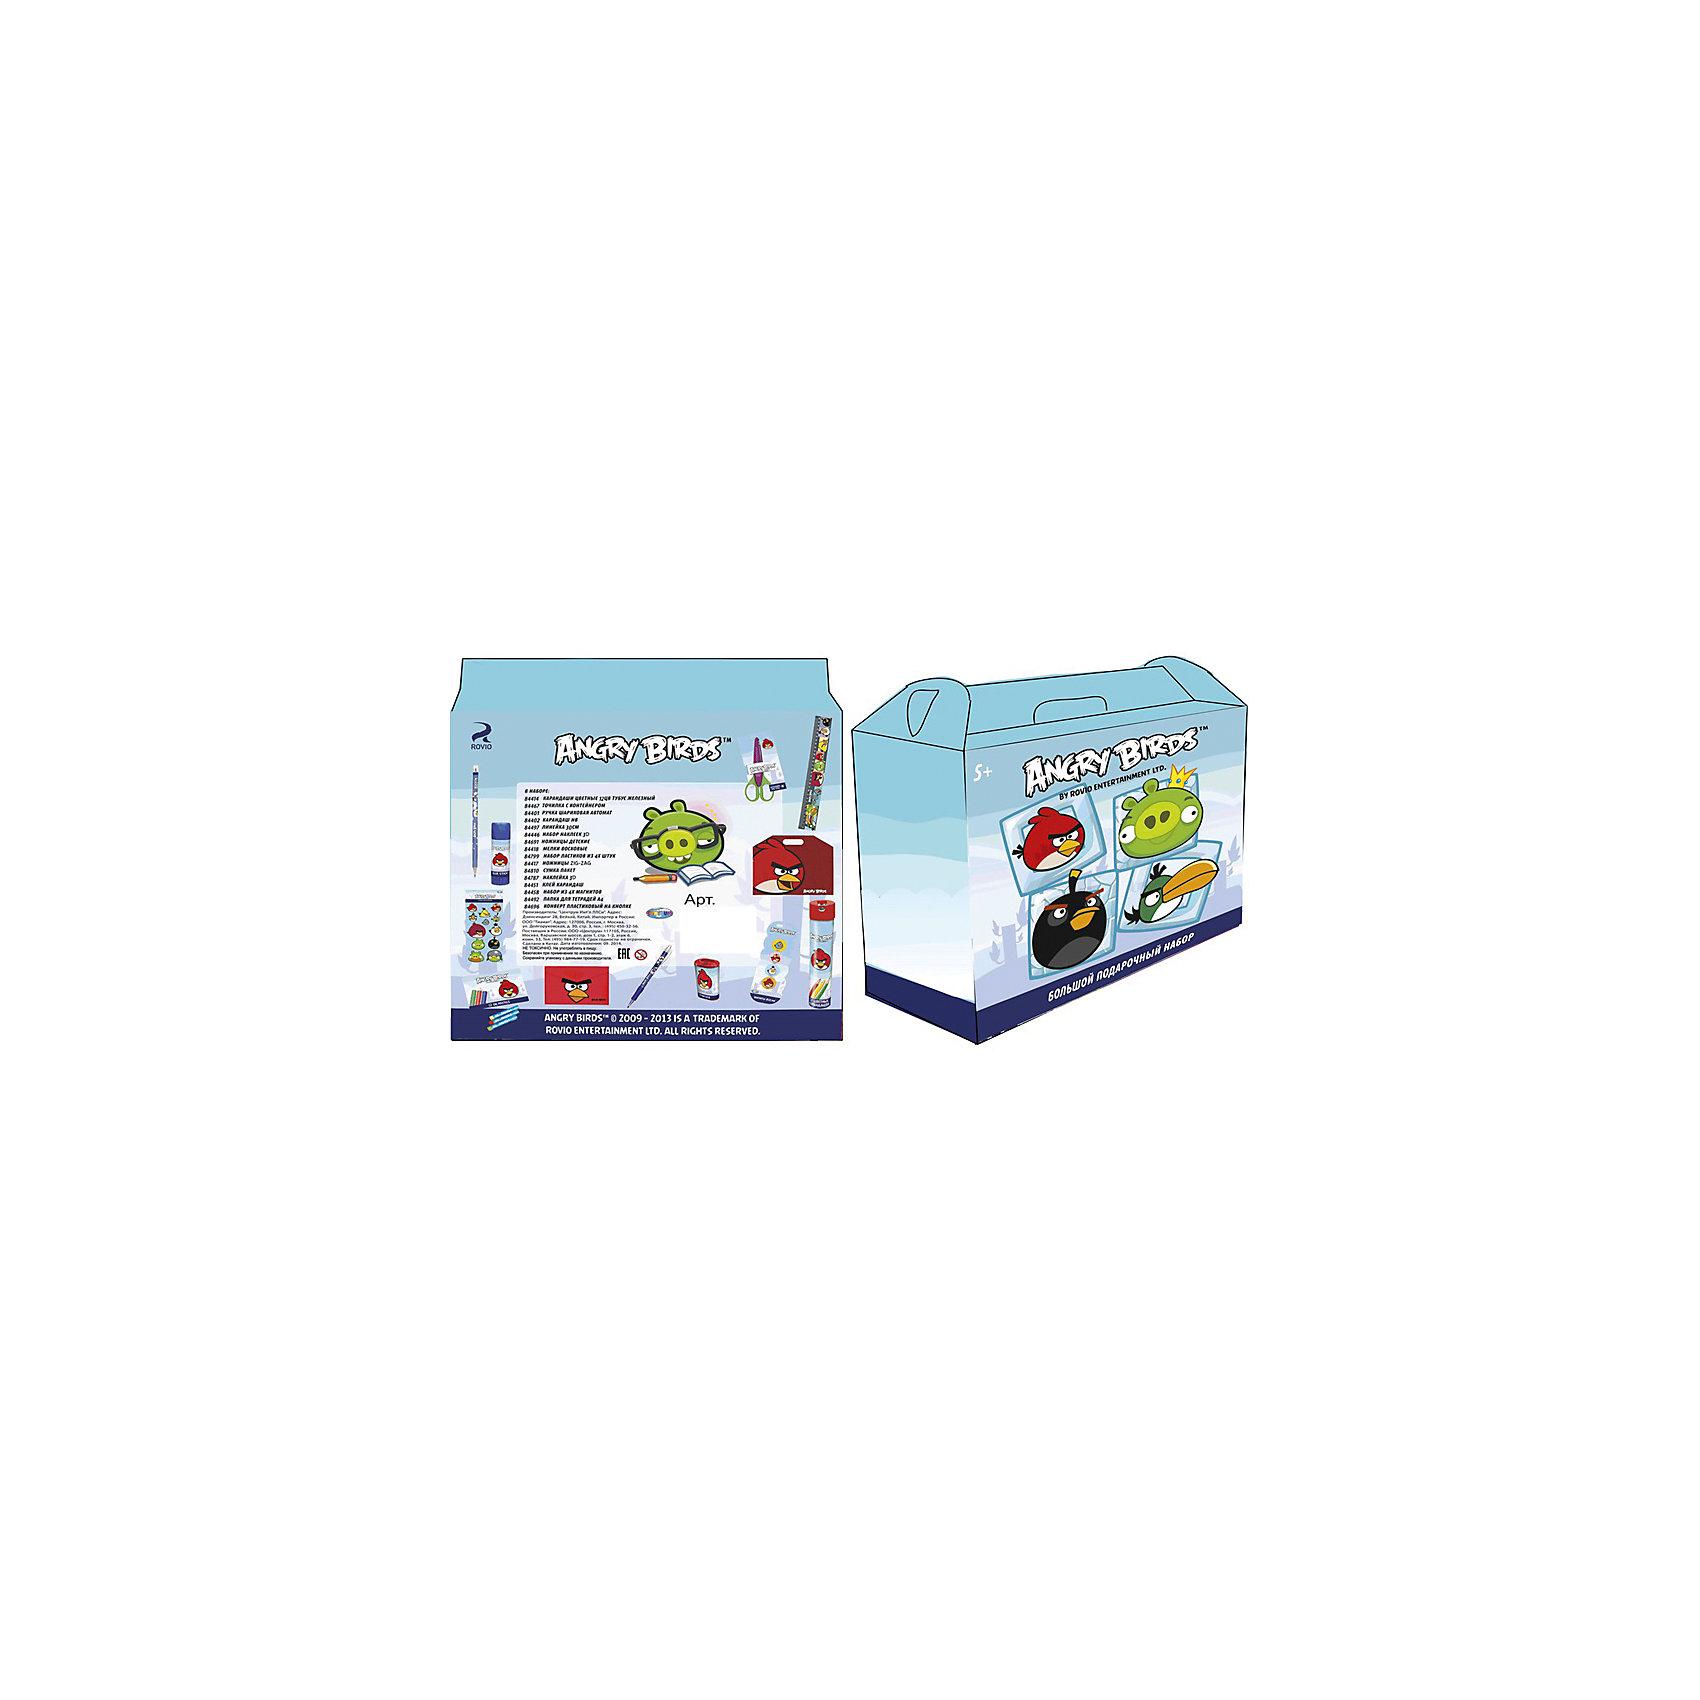 Большой подарочный набор Angry BirdsБольшой подарочный набор Angry Birds - это настоящая находка для всех школьников, поклонников игры Энгри бердз.<br>Большой подарочный набор Angry Birds - это компактный набор канцелярских принадлежностей для школьника. Все изделия выполнены в ярком стиле игры Angry Birds. Такой набор очень удобен, так как содержит все, что обязательно пригодится ребенку в школе и дома, занимаясь уроками или творчеством. Набор упакован в подарочную коробку с ручкой.<br><br>Дополнительная информация:<br><br>- В наборе: карандаши цветные (12 шт.) - тубус железный; точилка с контейнером; ручка шариковая автомат; карандаш HB; линейка 30 см; набор наклеек 3D; ножницы детские; мелки восковые; набор ластиков (4 шт.); ножницы Zig-Zag; сумка-пакет; наклейка 3D; клей-карандаш; набор из 4-х магнитов; папка для тетрадей А4; конверт пластиковый на кнопке<br>- Упаковка: подарочная коробка с ручкой<br><br>Большой подарочный набор Angry Birds можно купить в нашем интернет-магазине.<br><br>Ширина мм: 150<br>Глубина мм: 150<br>Высота мм: 150<br>Вес г: 100<br>Возраст от месяцев: 36<br>Возраст до месяцев: 120<br>Пол: Унисекс<br>Возраст: Детский<br>SKU: 4535527